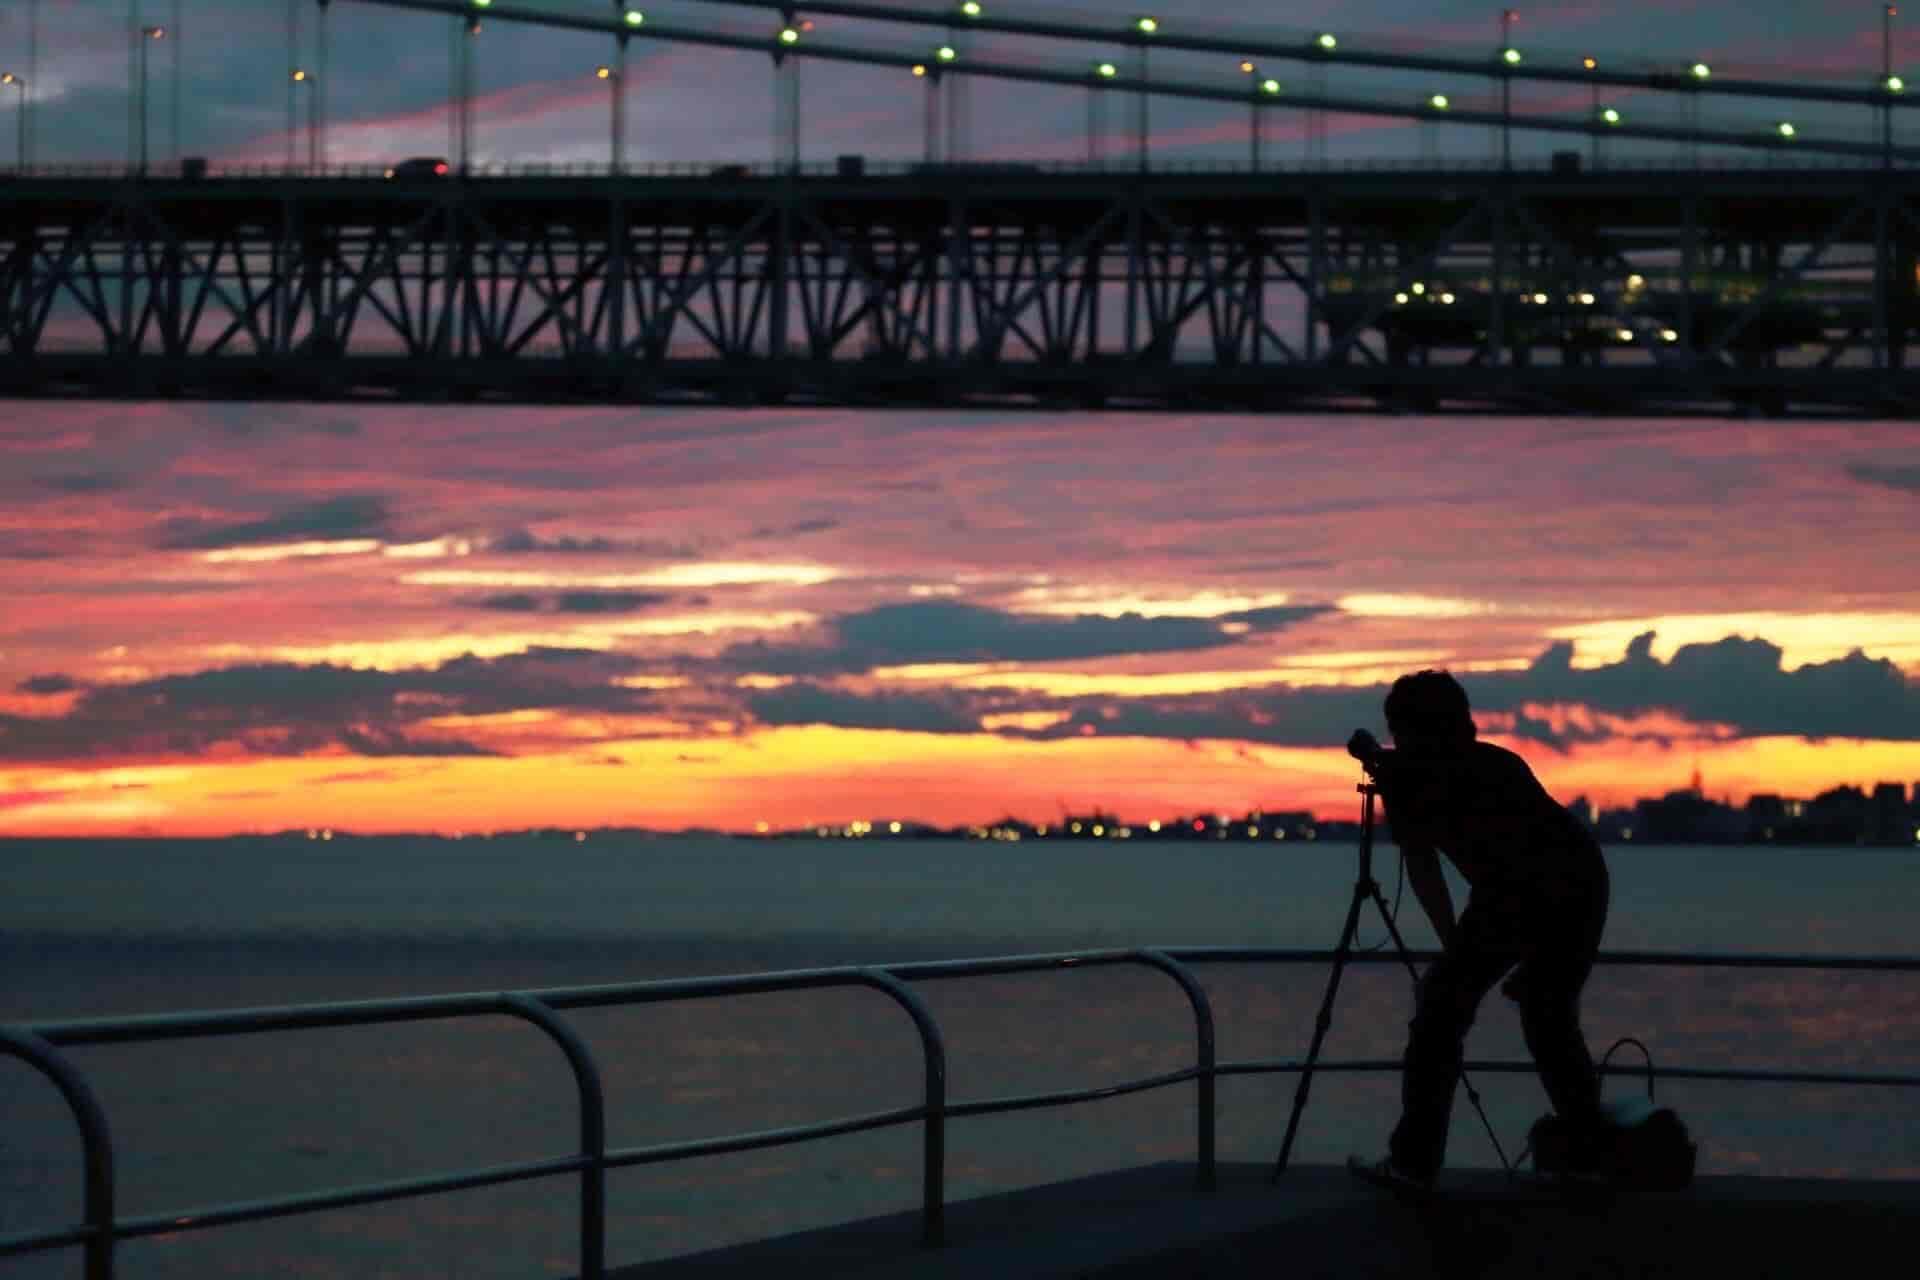 ラブ探偵事務所と他社の千葉県旭市での夜間暗視撮影